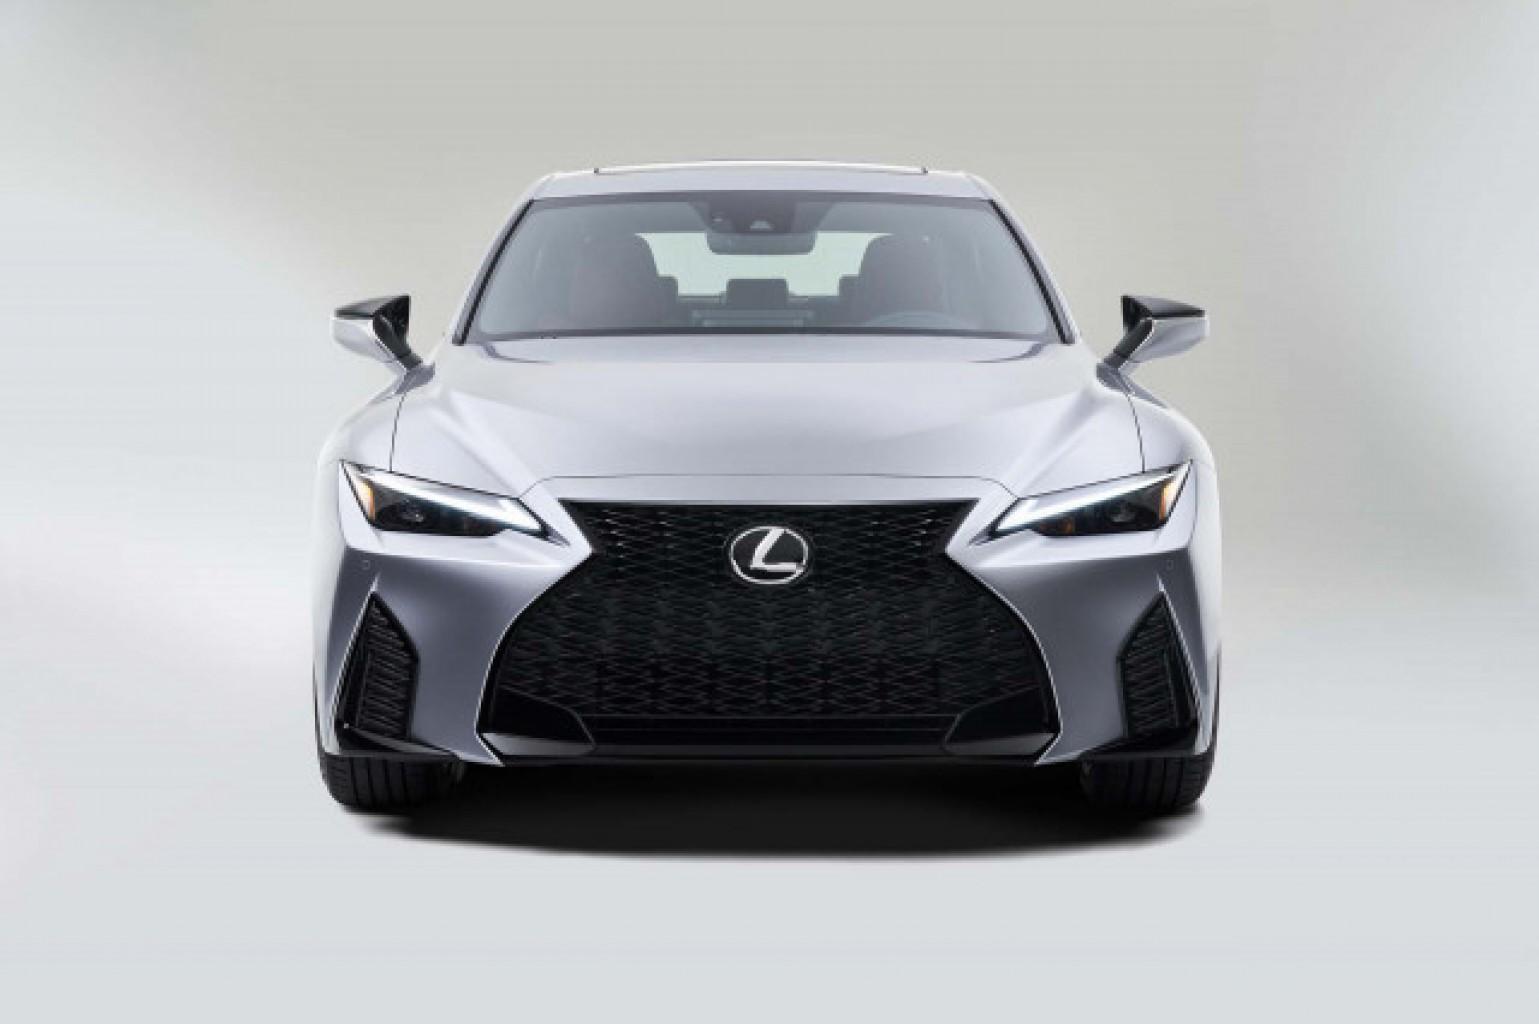 Con algunos cambios exteriores, Lexus dio a conocer el nuevo IS del 2021